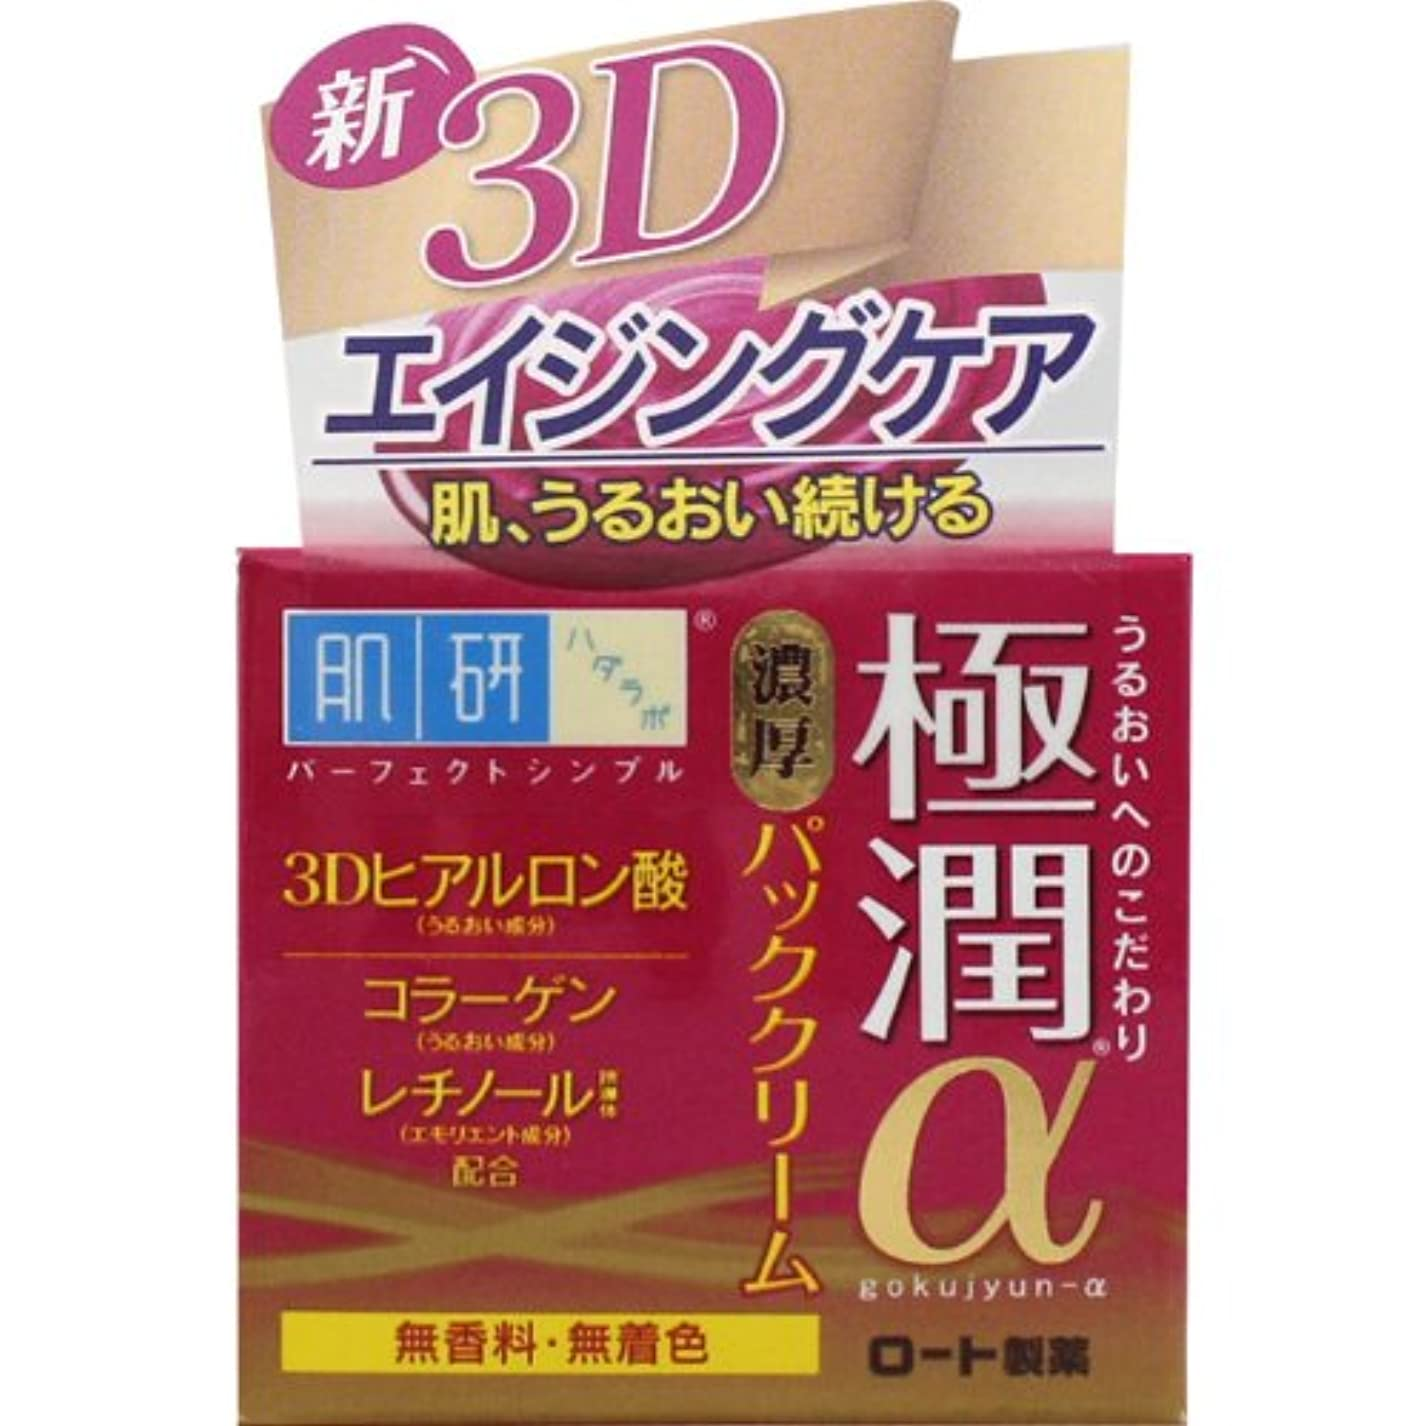 タバコ言う広い肌研(ハダラボ) 極潤 αパッククリーム 50g